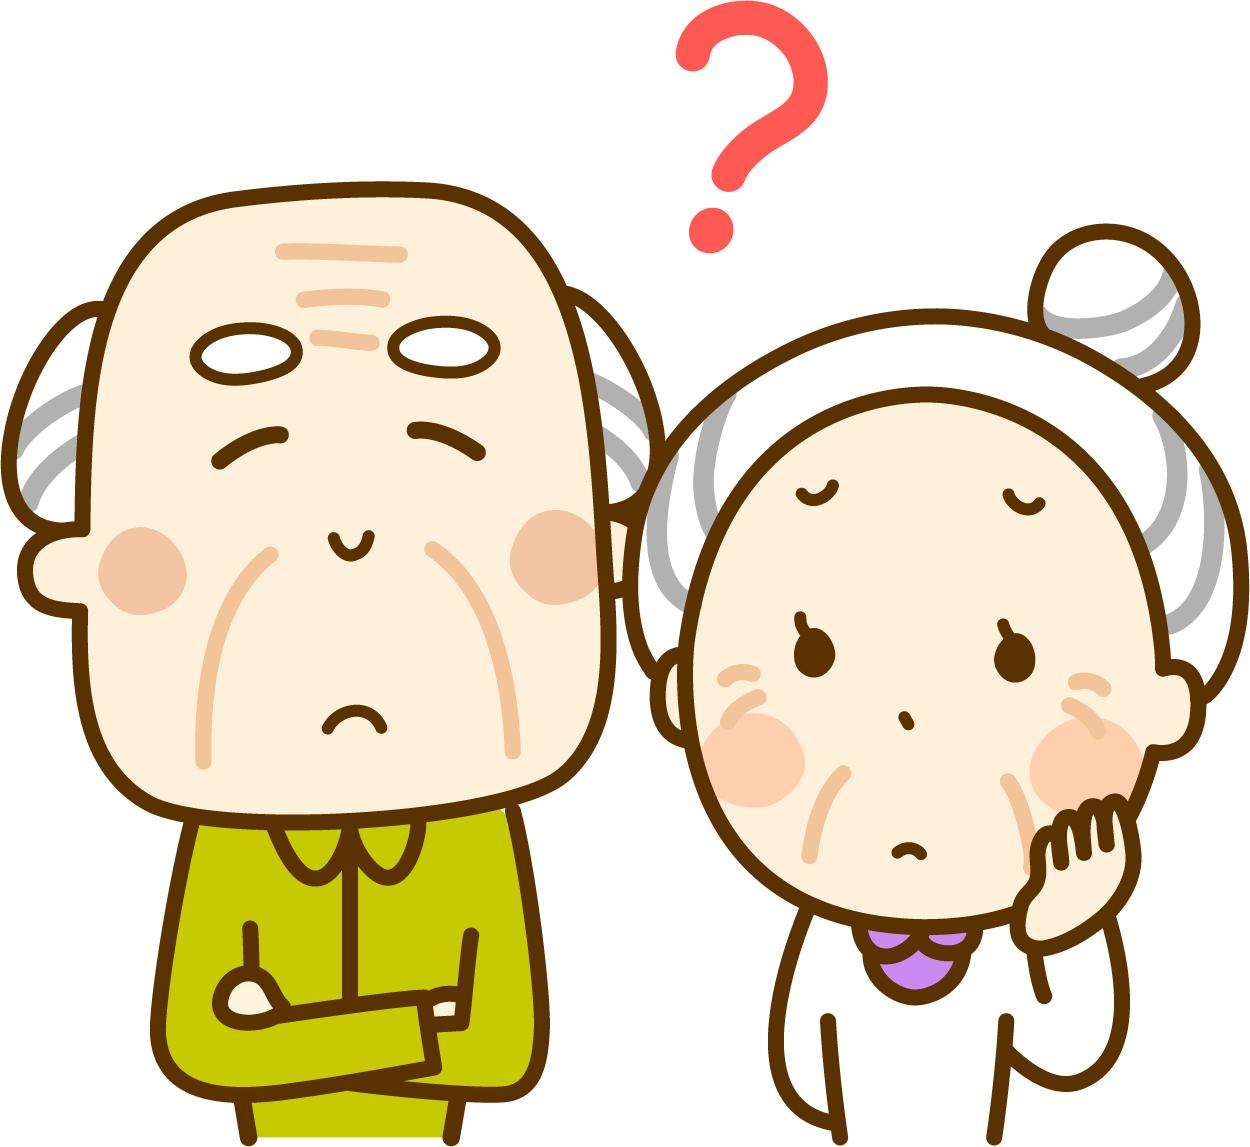 認知症による失認とはどんな症状か。友人の顔が認識できないことも